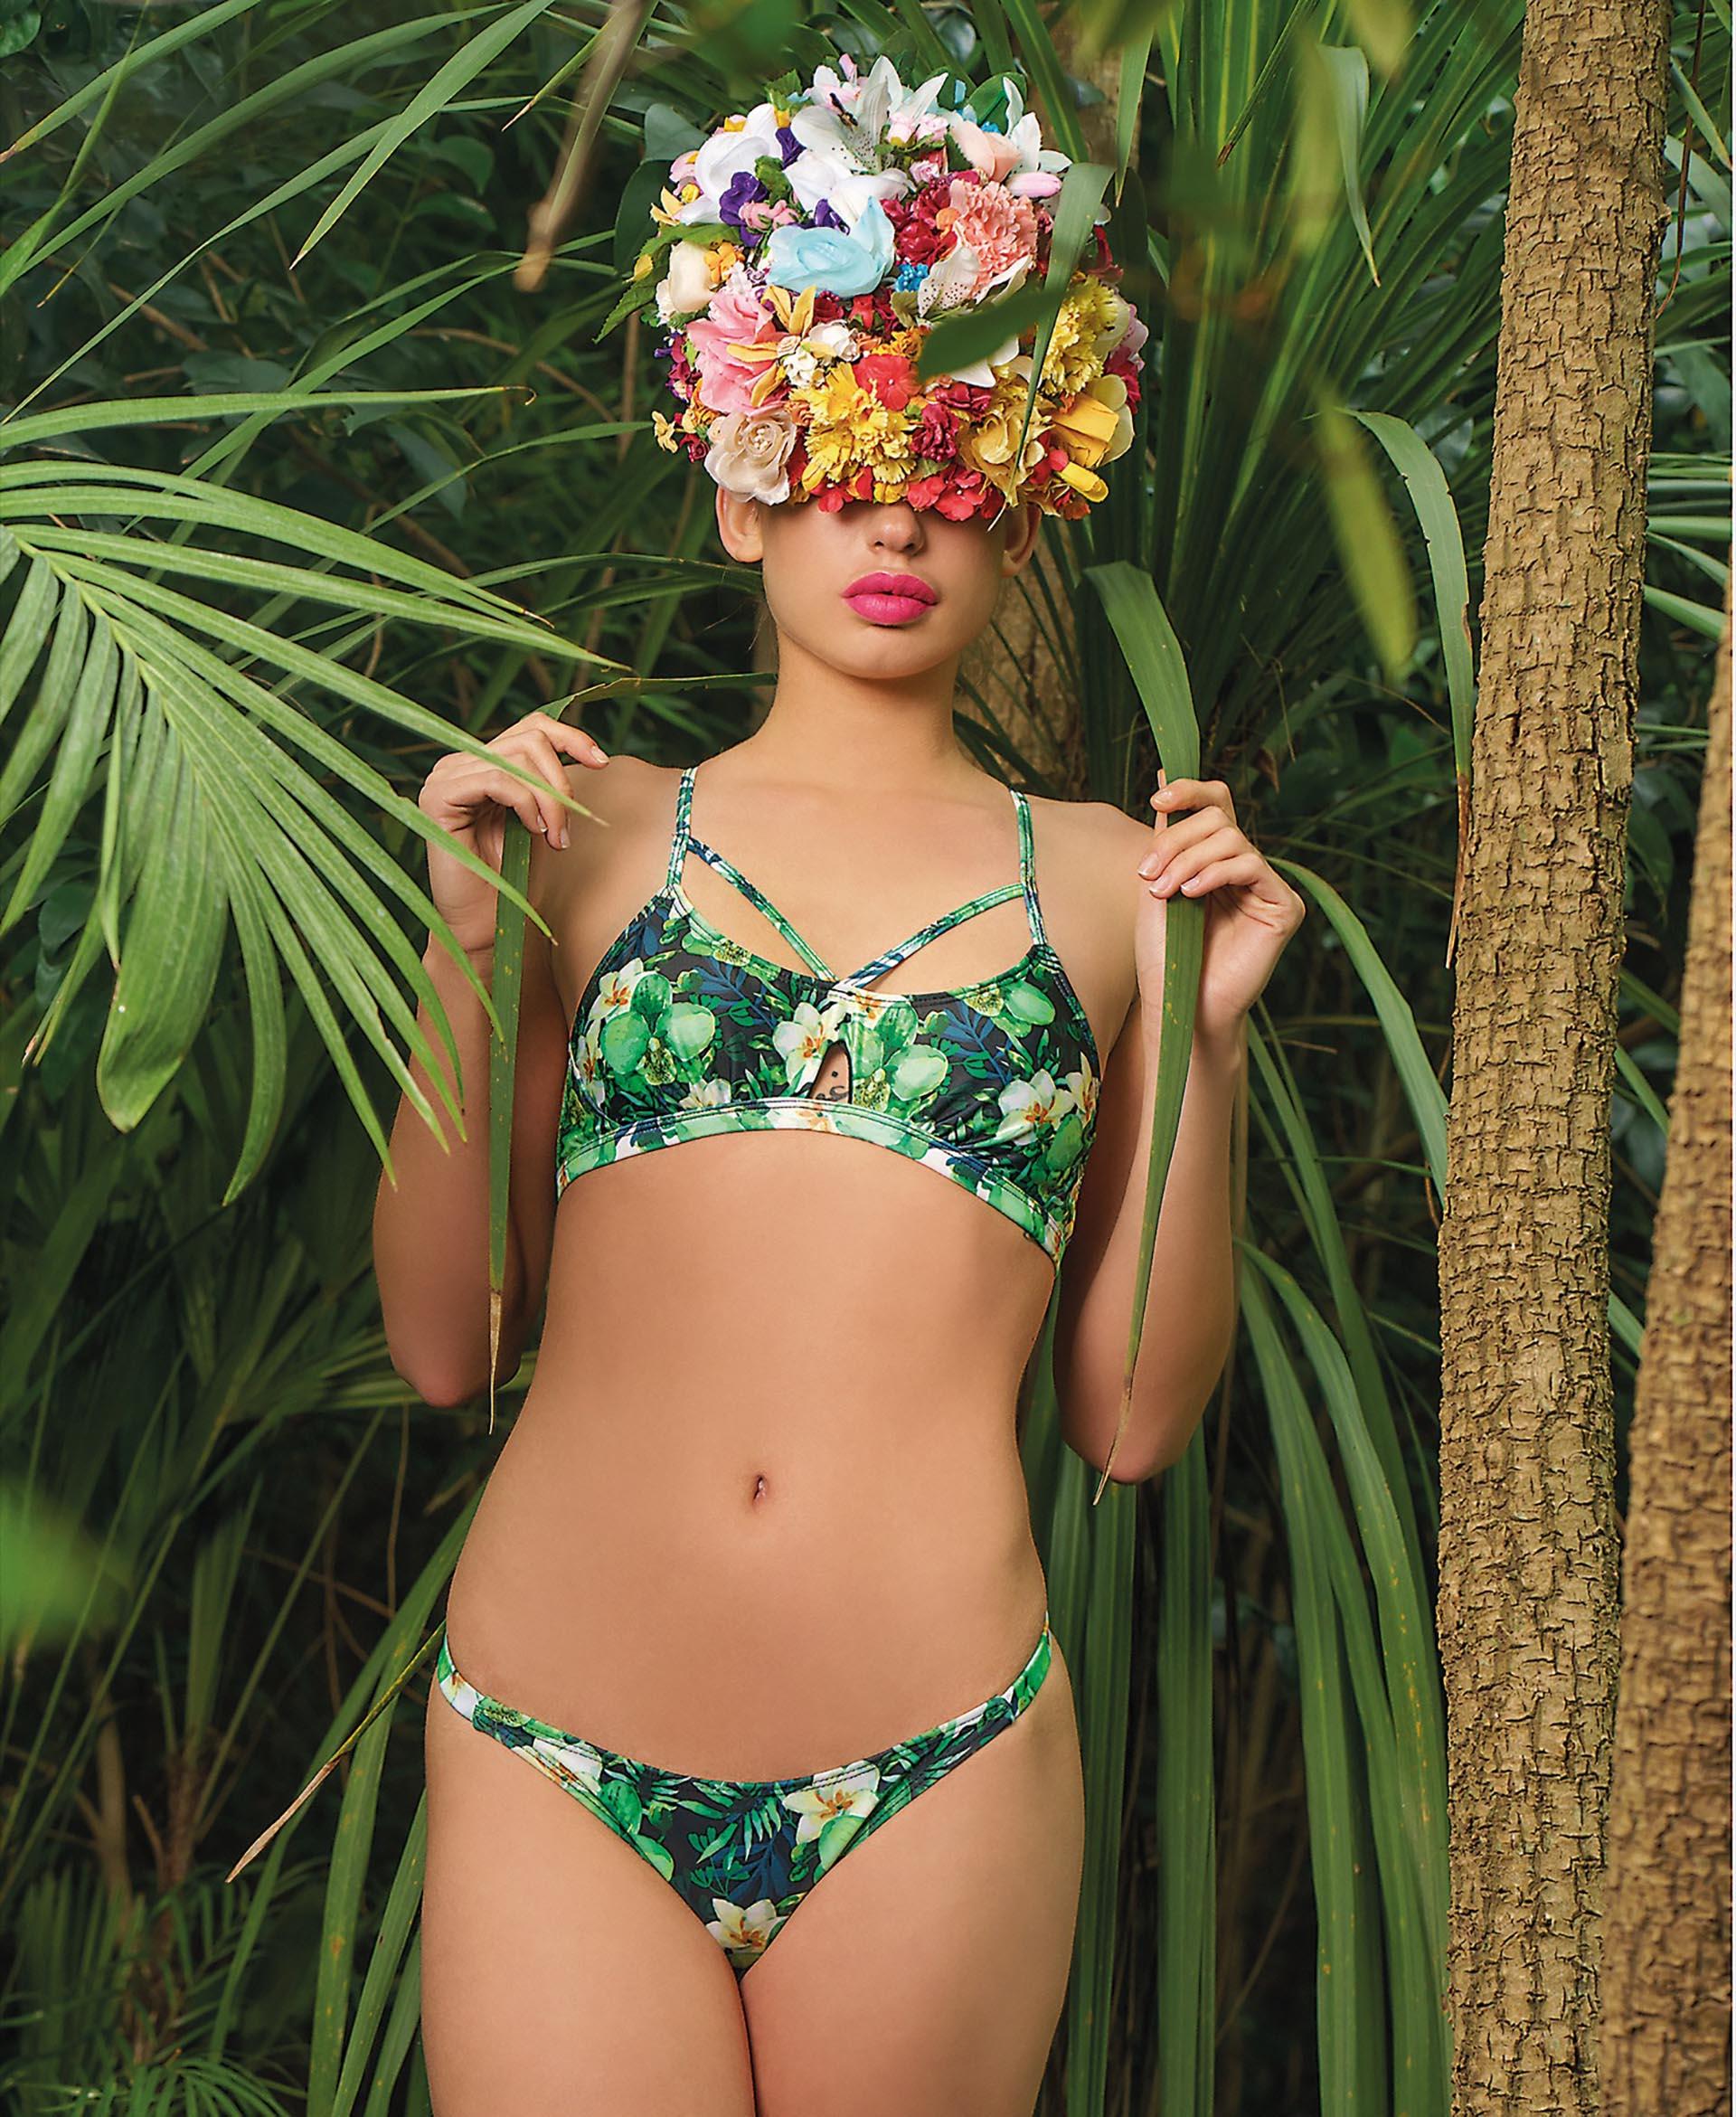 Bikini con tiras cruzadas en la pechera y colaless con estampa de hojas y flores ($ 990, Audace).Fotos Juan Jauregui/ Para Ti